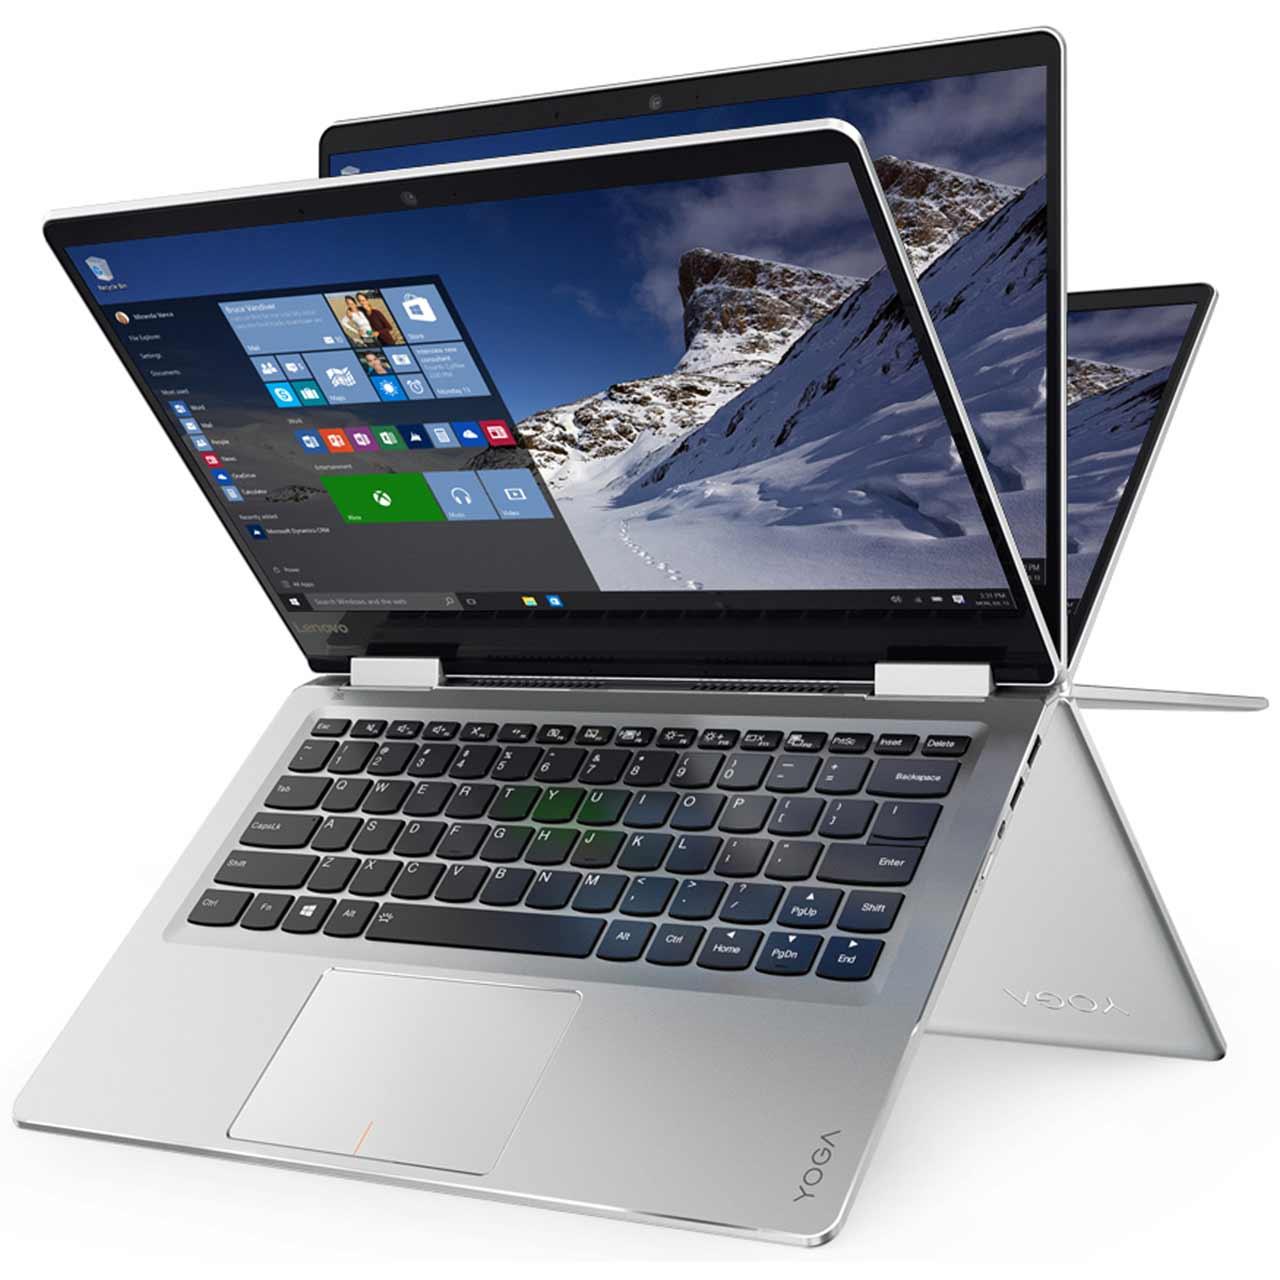 Lenovo Yoga 710 - i7/8GB/256GB - £629 (with code) @ ao.com